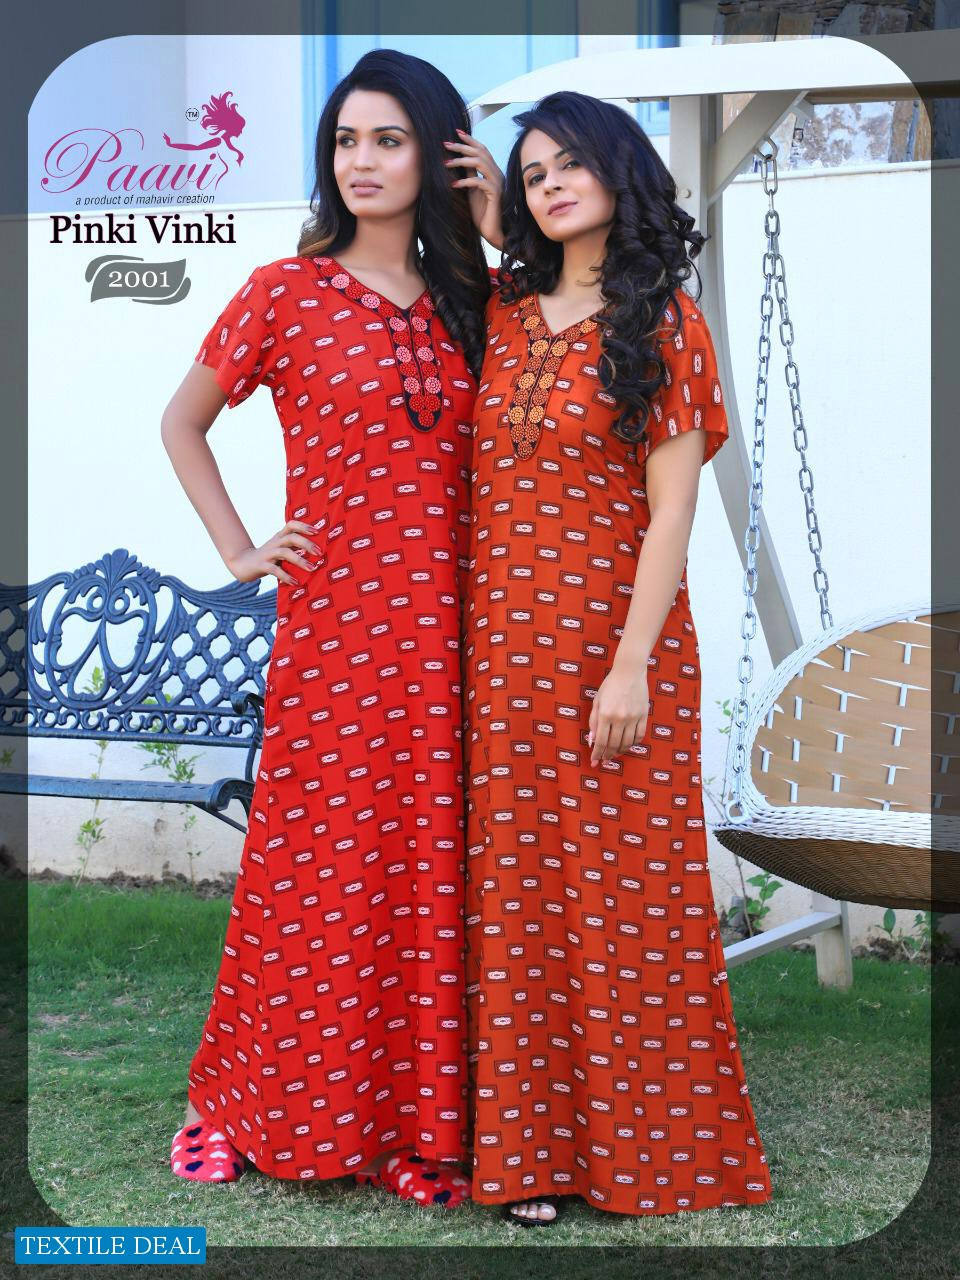 Paavis Pinki Winki Vol-2 Wholesale Nighty Gown Catalog